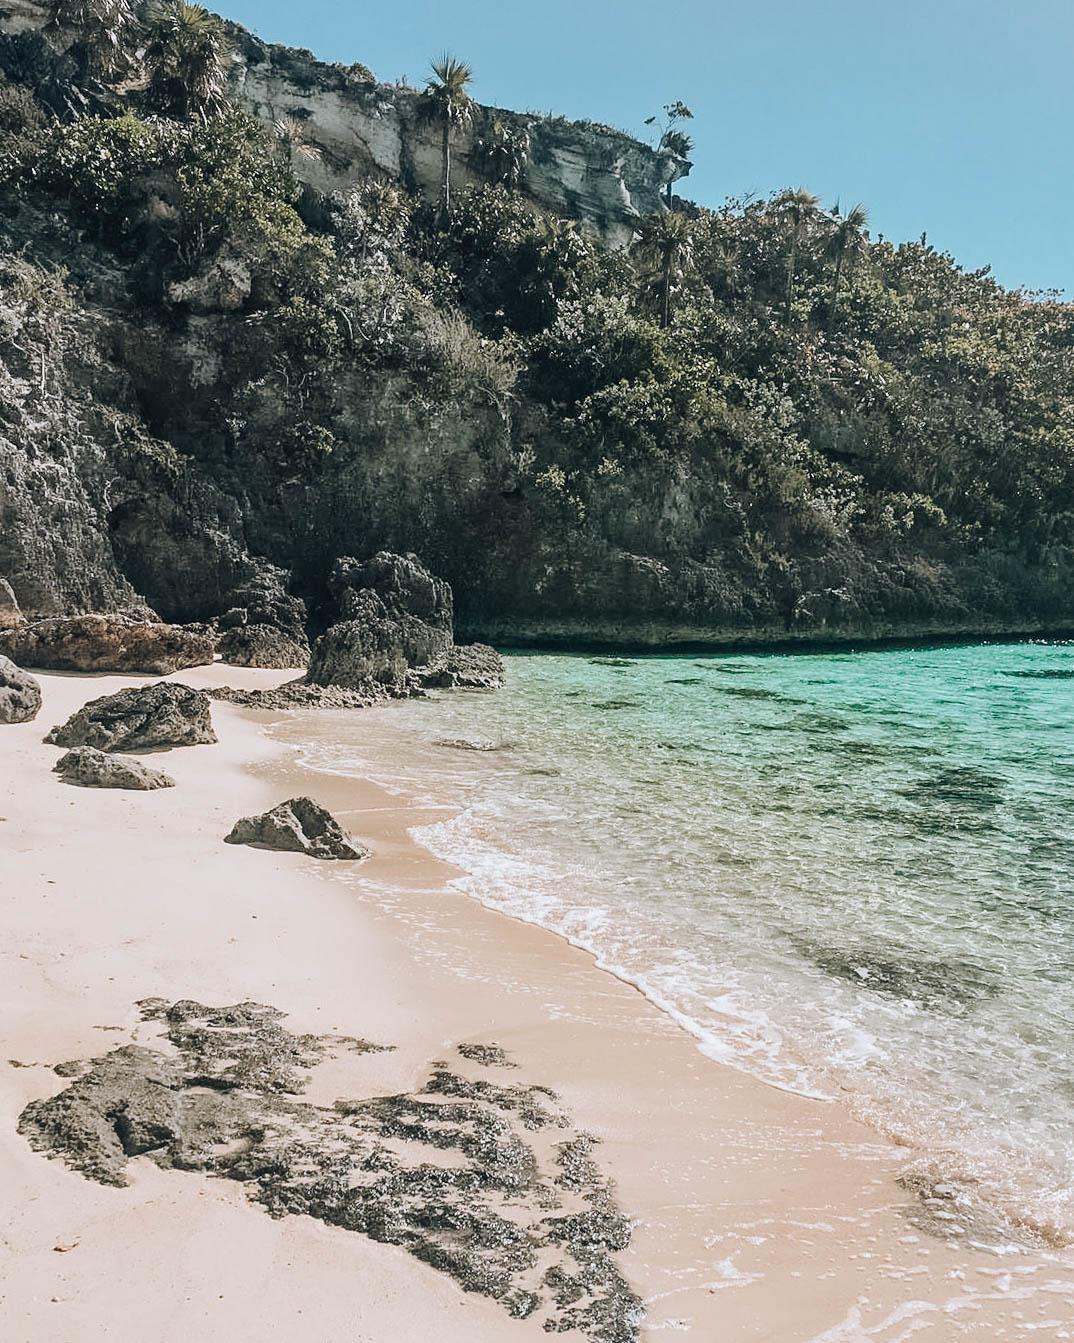 angolo di spiaggia tropicale